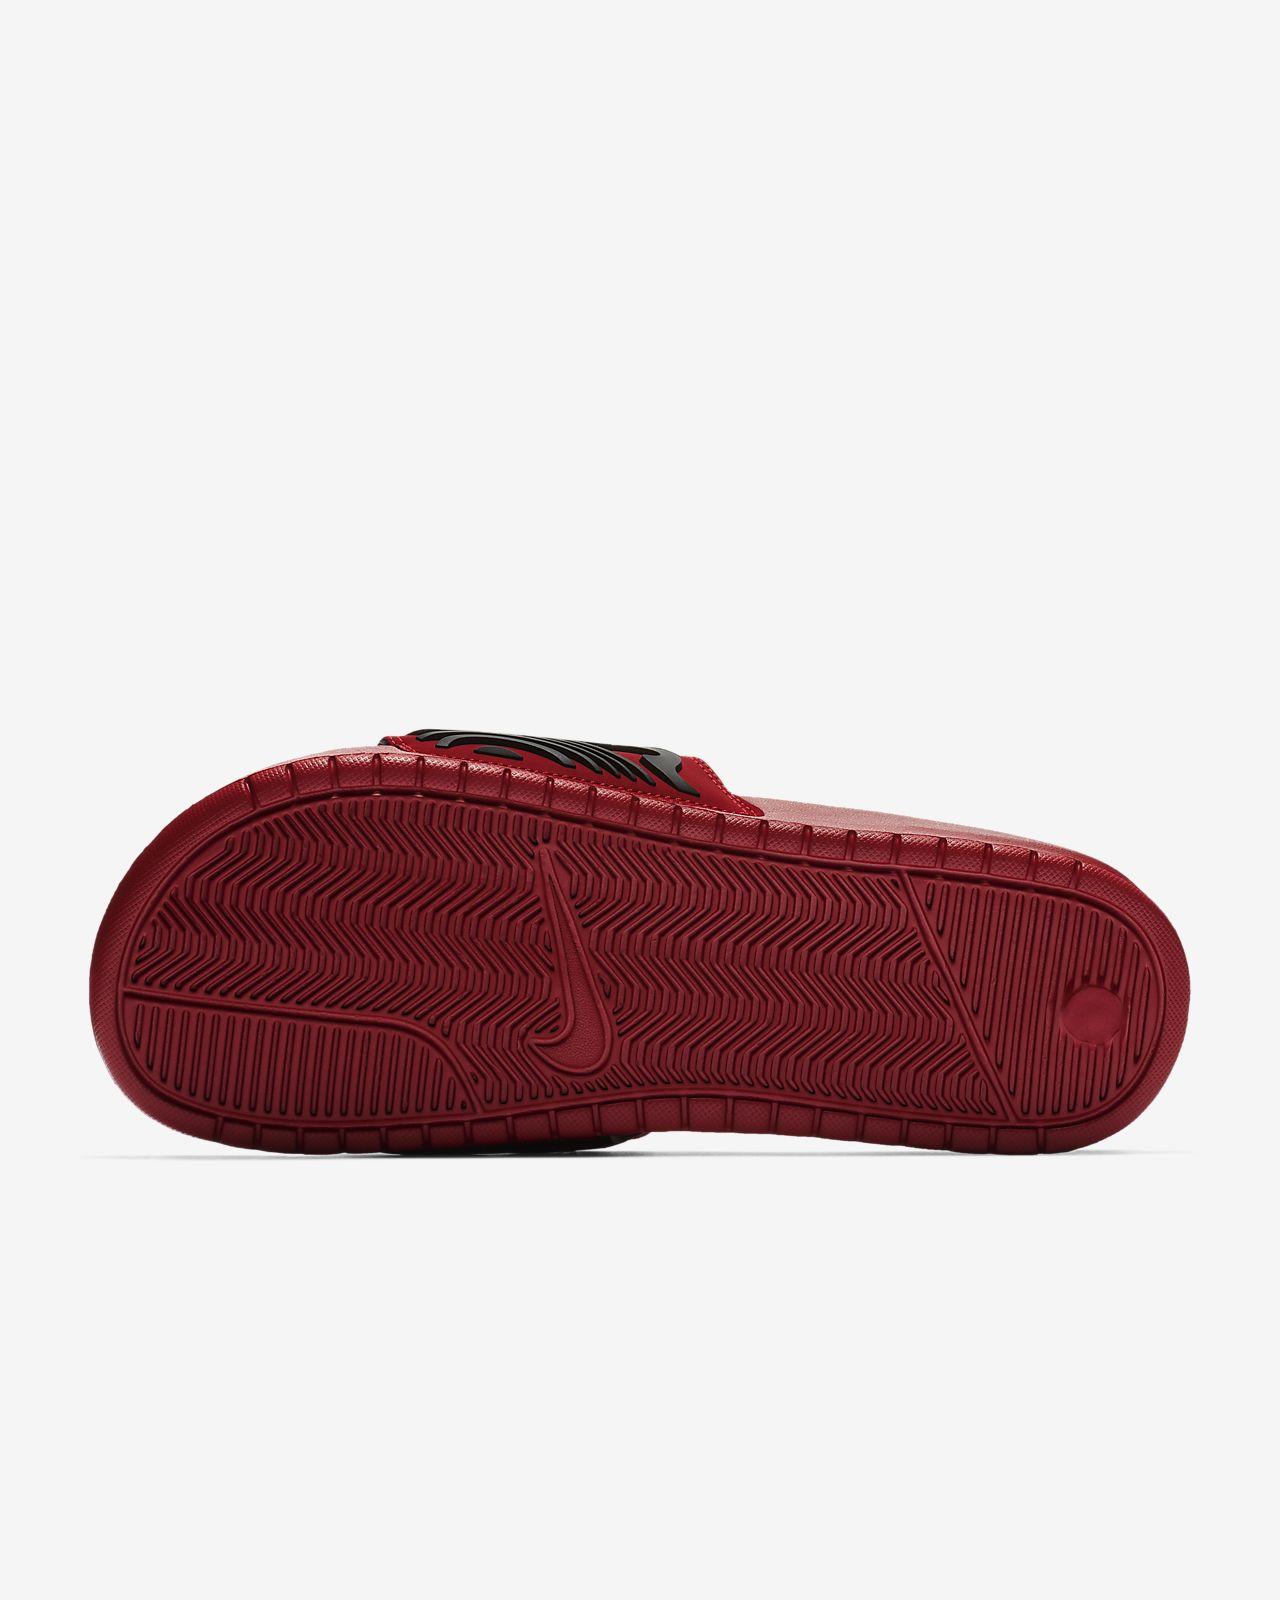 8a233979a3e Nike Benassi JDI SE Men s Slide. Nike.com AU